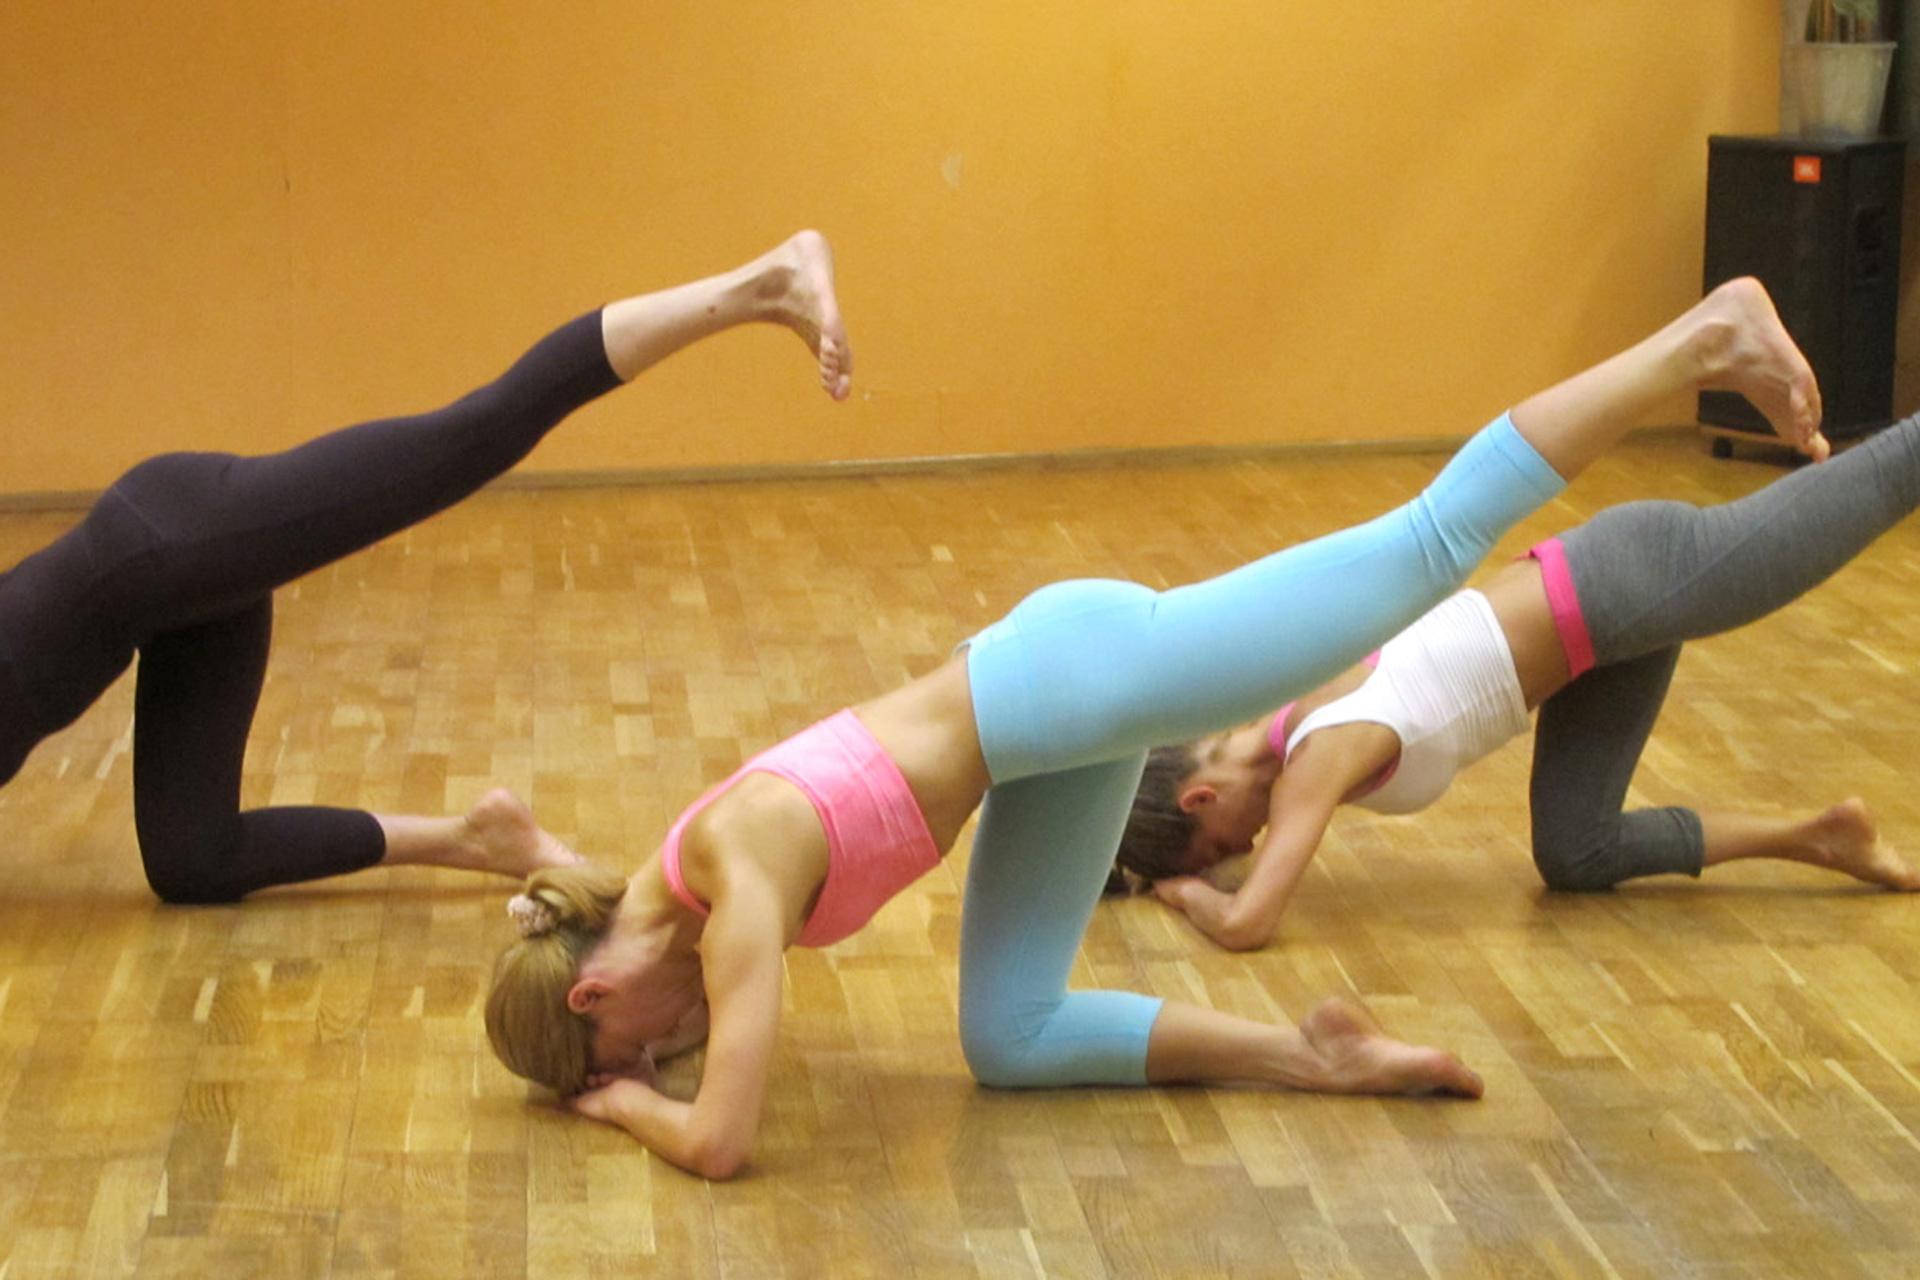 Eselkick therapeutische Übung Pilates-Trainings-Optimierung Rückenentspannung intrinsische Abs innere äußere Bauchmuskulatur